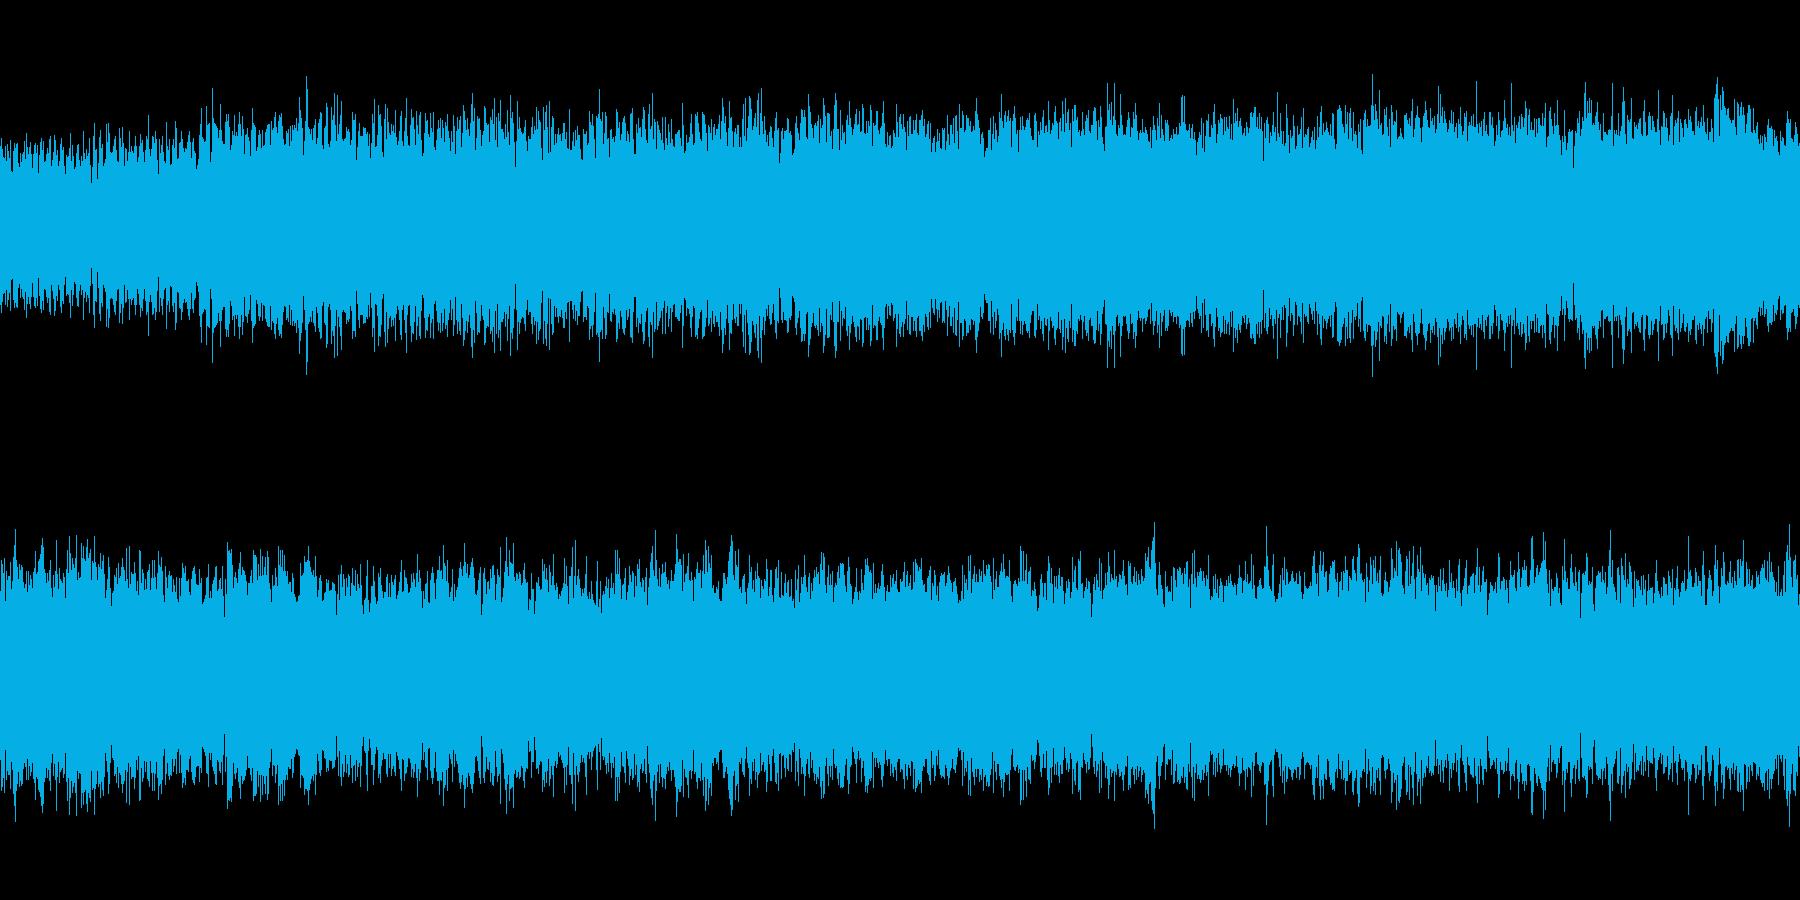 ループ 和風オーケストラのバトルBGMの再生済みの波形